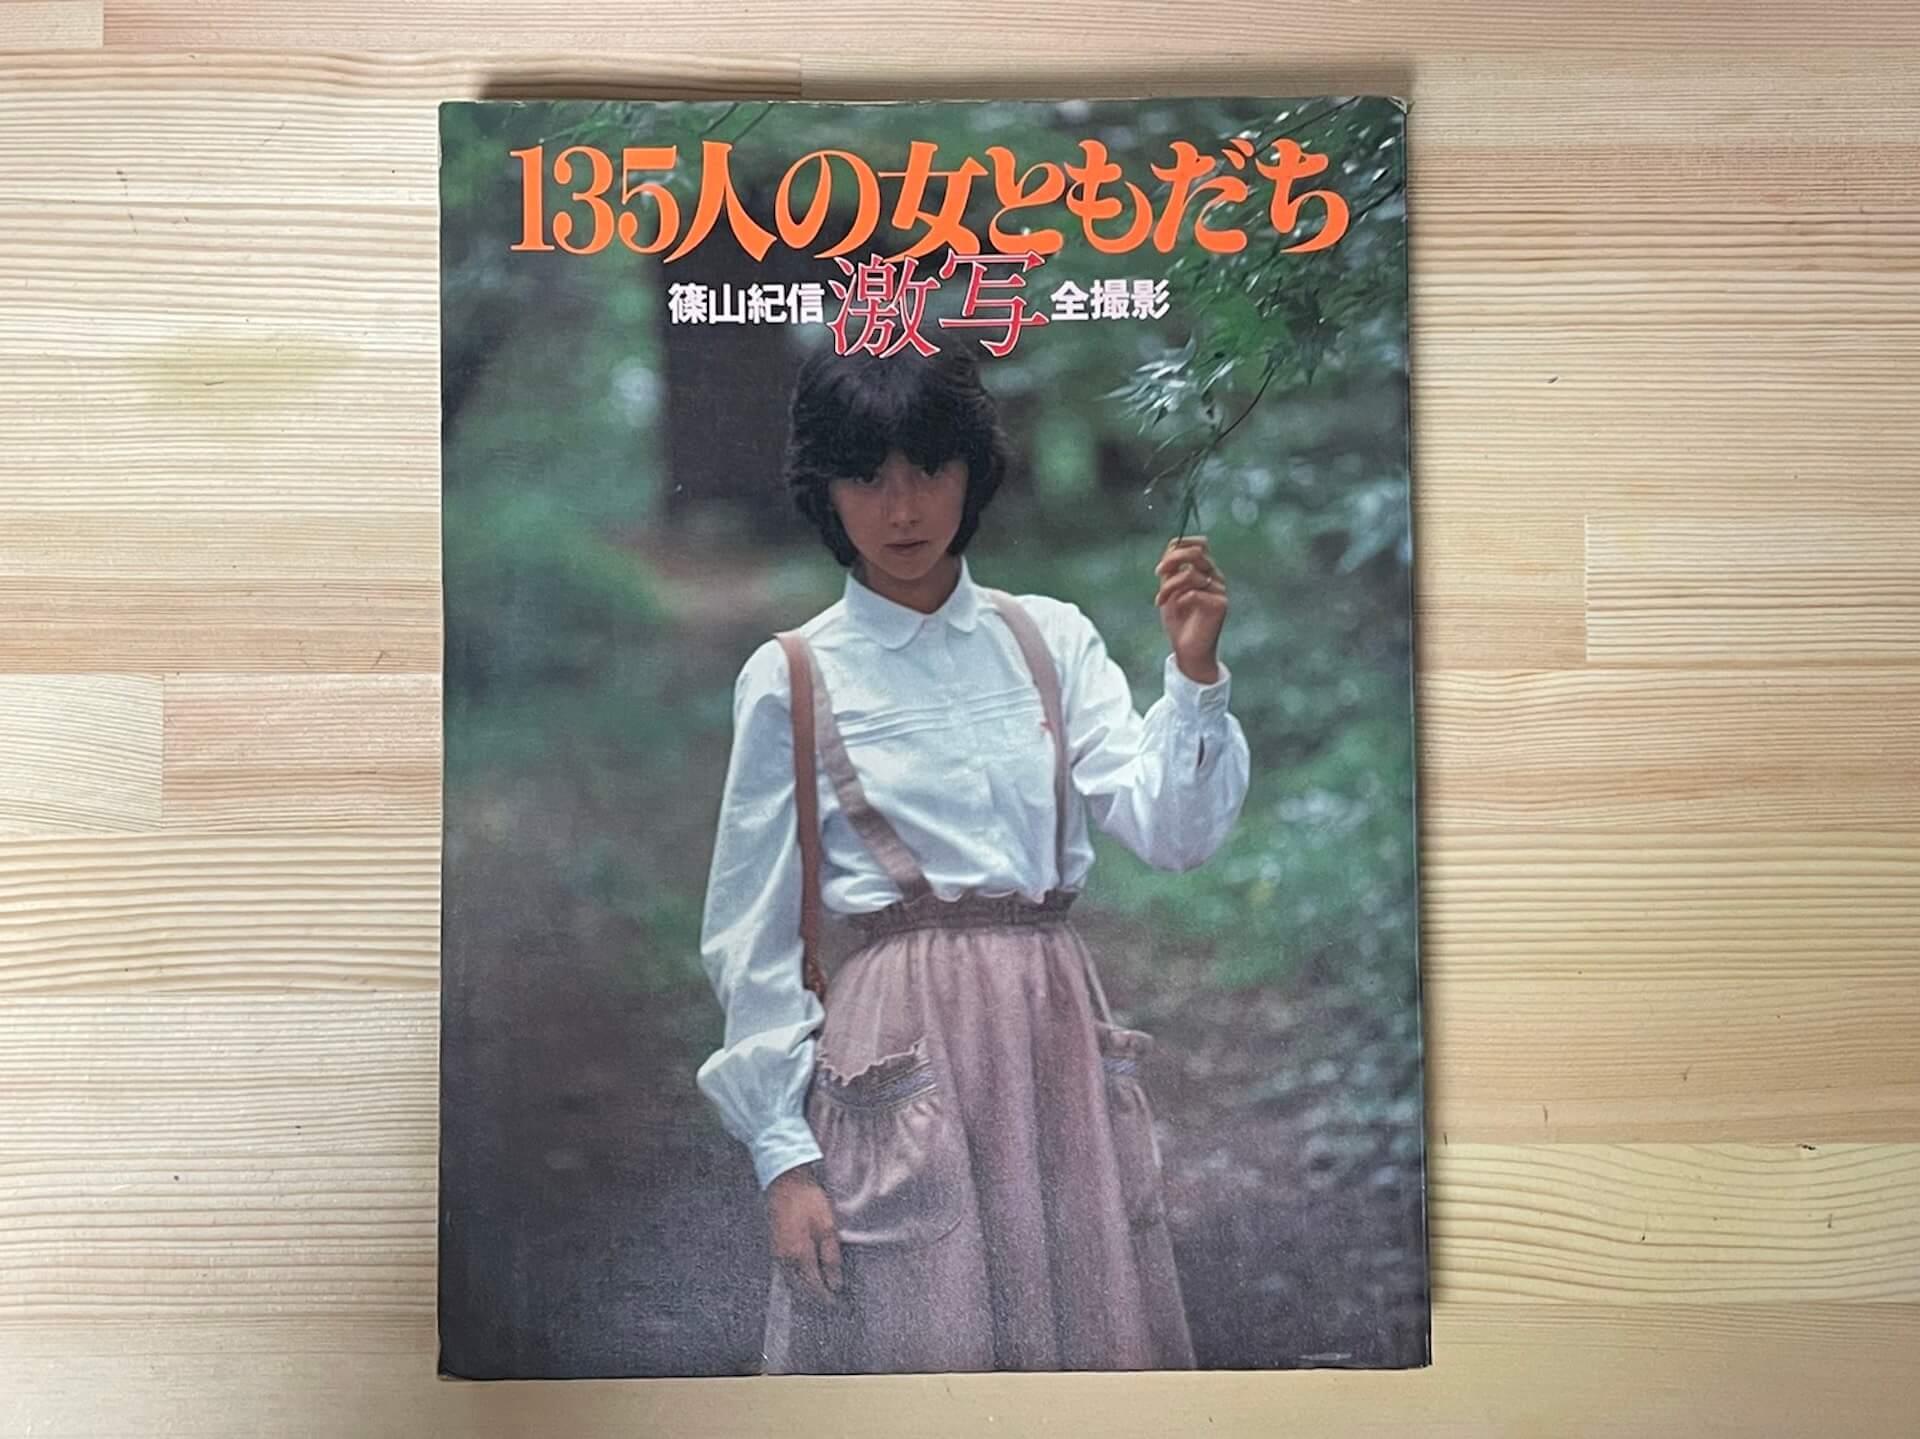 アートブックノススメ:番外編| Cho Ongo-『135人の女ともだち』/篠山紀信 column210429_choongo-03